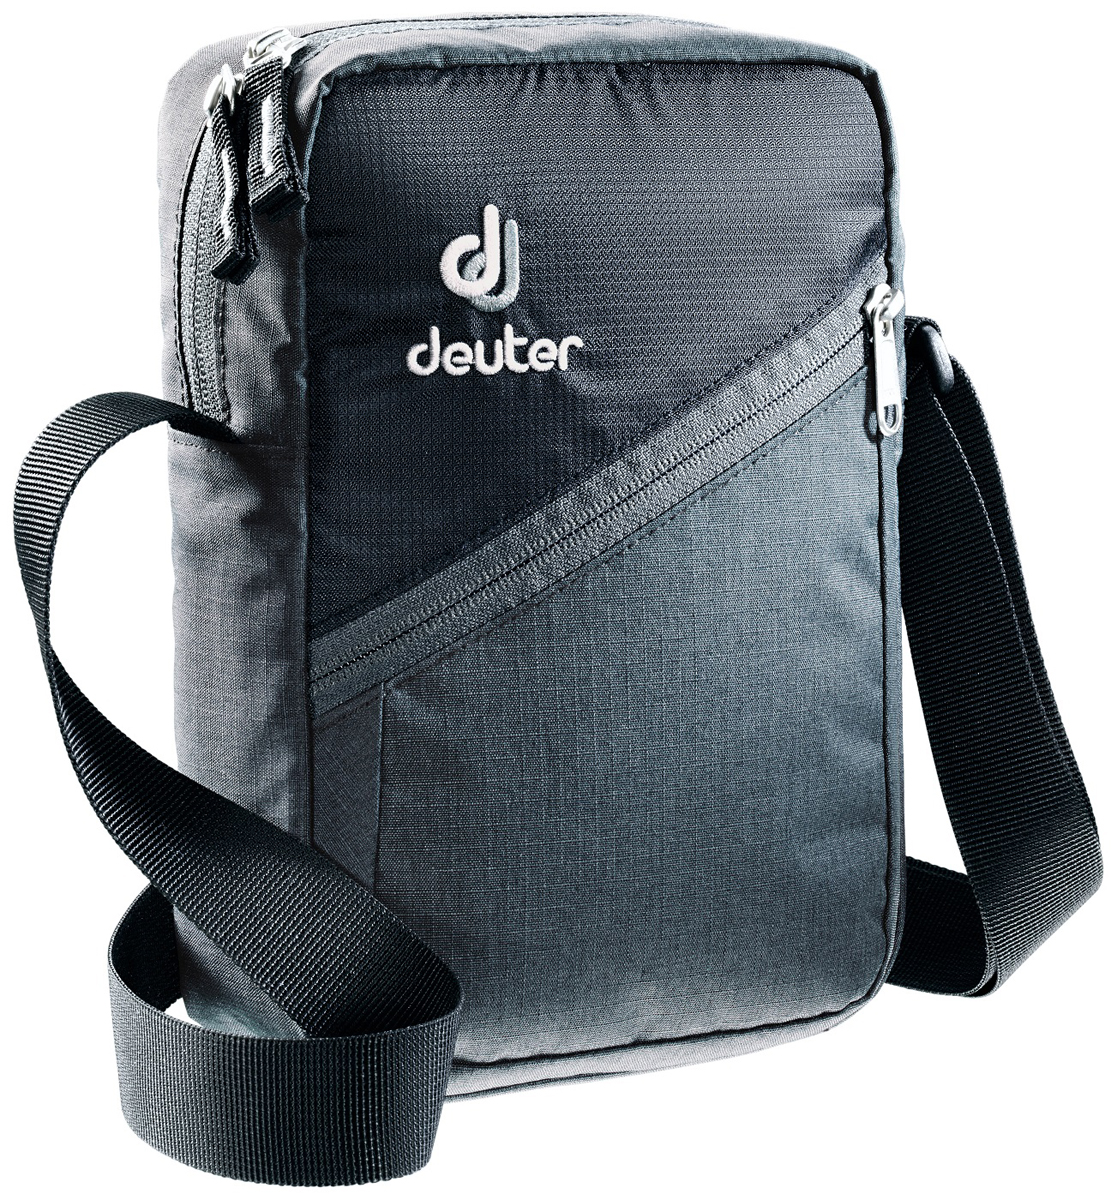 Сумка на плечо Deuter Escape, цвет: серый, черный. 4800117_4750